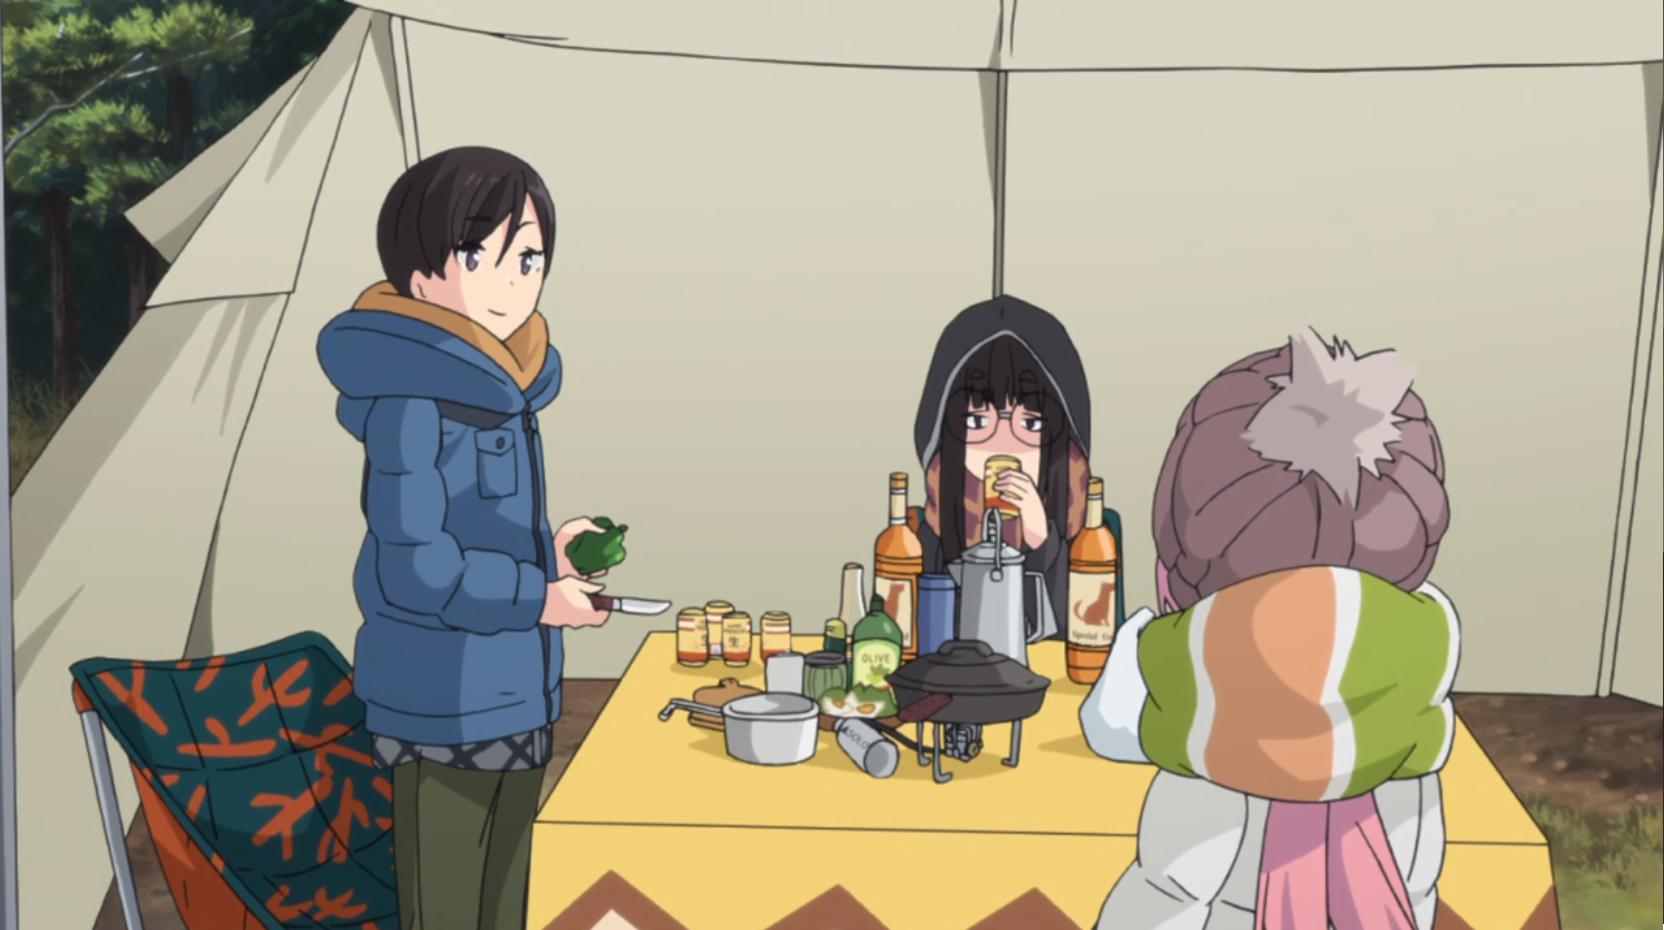 アニメ『ゆるキャン△』7話 のお隣キャンパーさん二人組